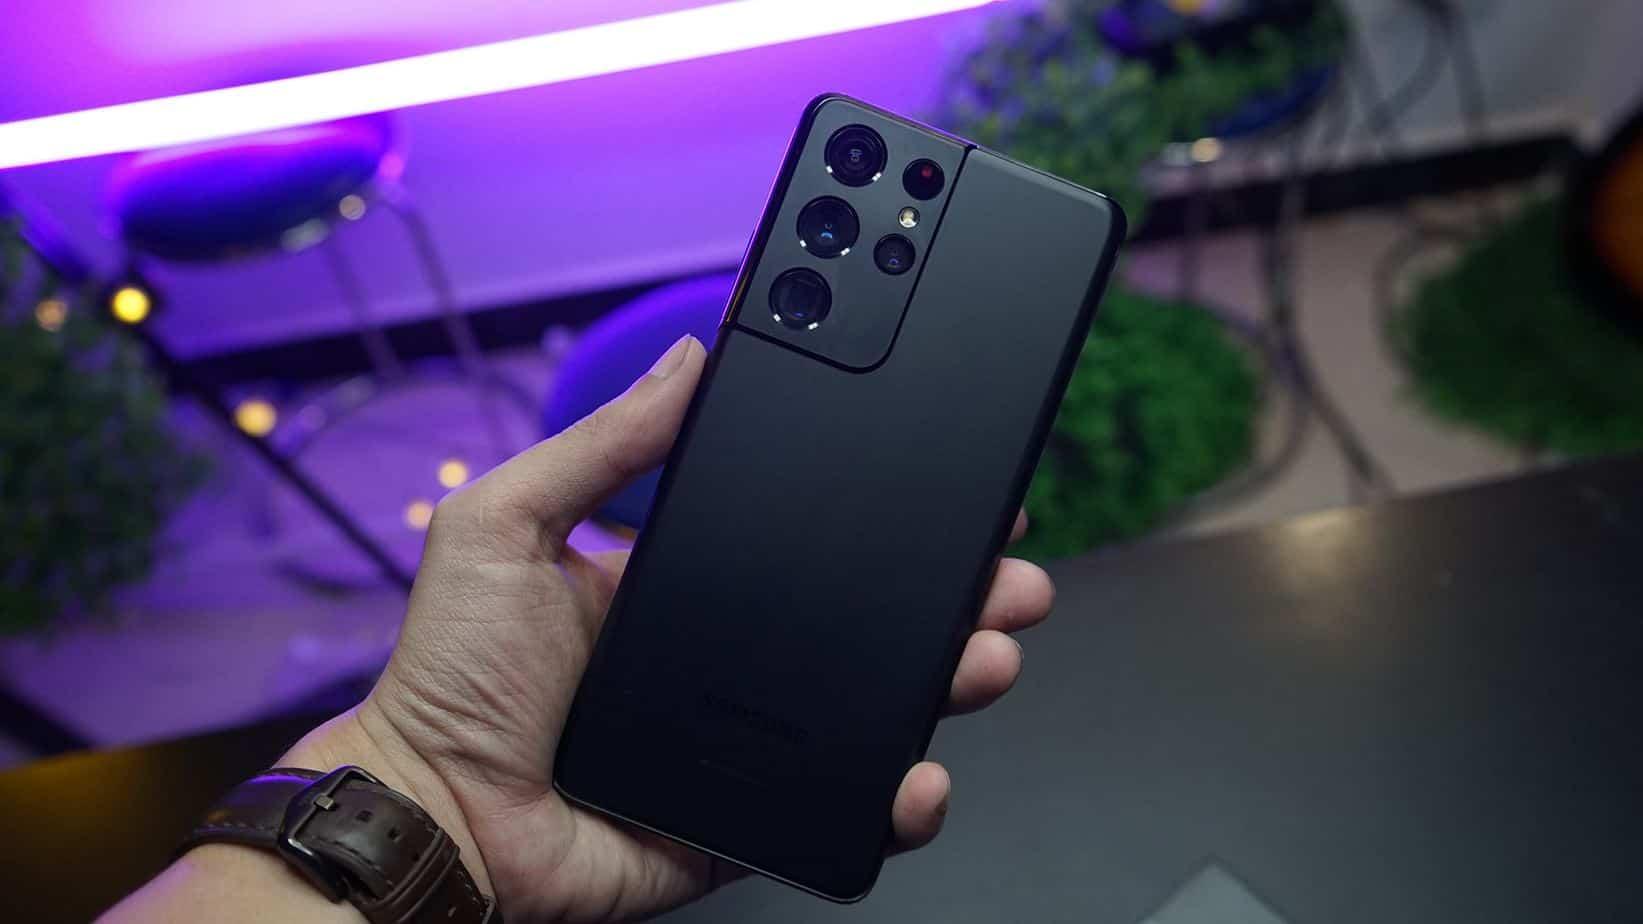 One Ui 4 équipé d'Android 12 devrait bientôt débarquer sur les Samsung Galaxy S21.